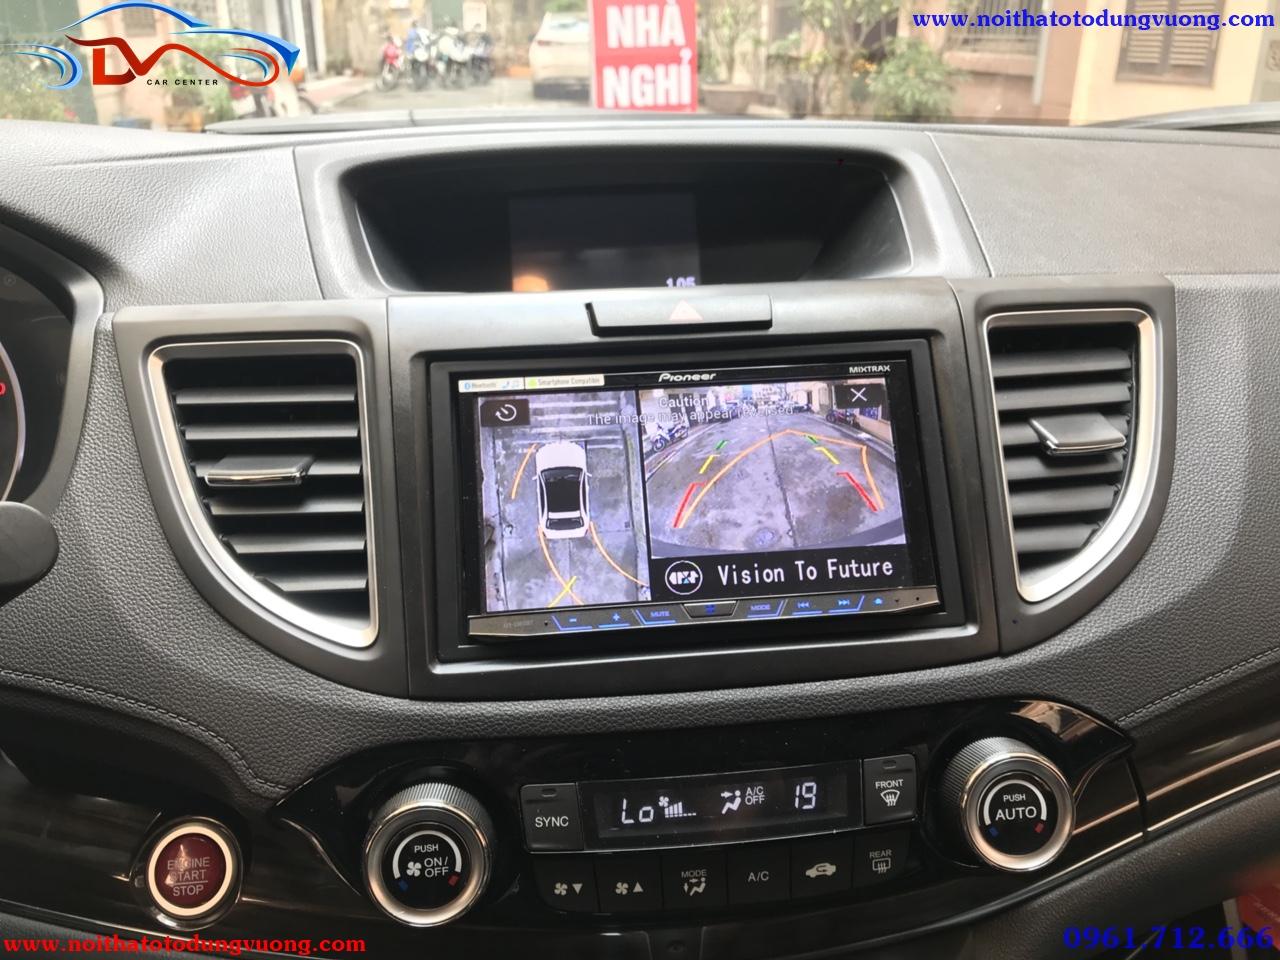 Camera 360 độ Oris lắp trên xe HonDa CRV - 2016